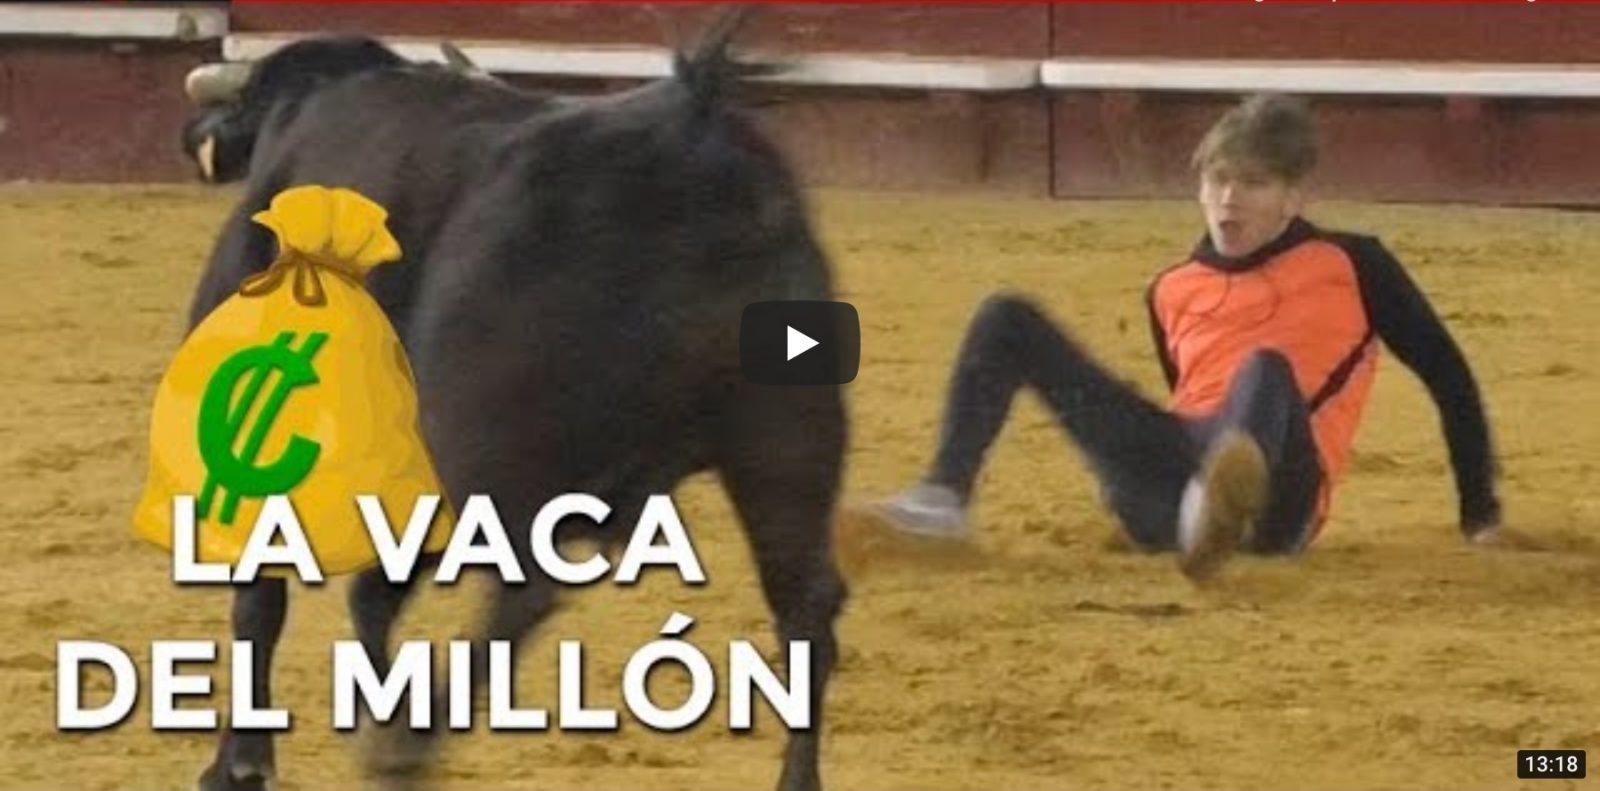 VIDEO // LA VACA DEL MILLÓN – Valencia